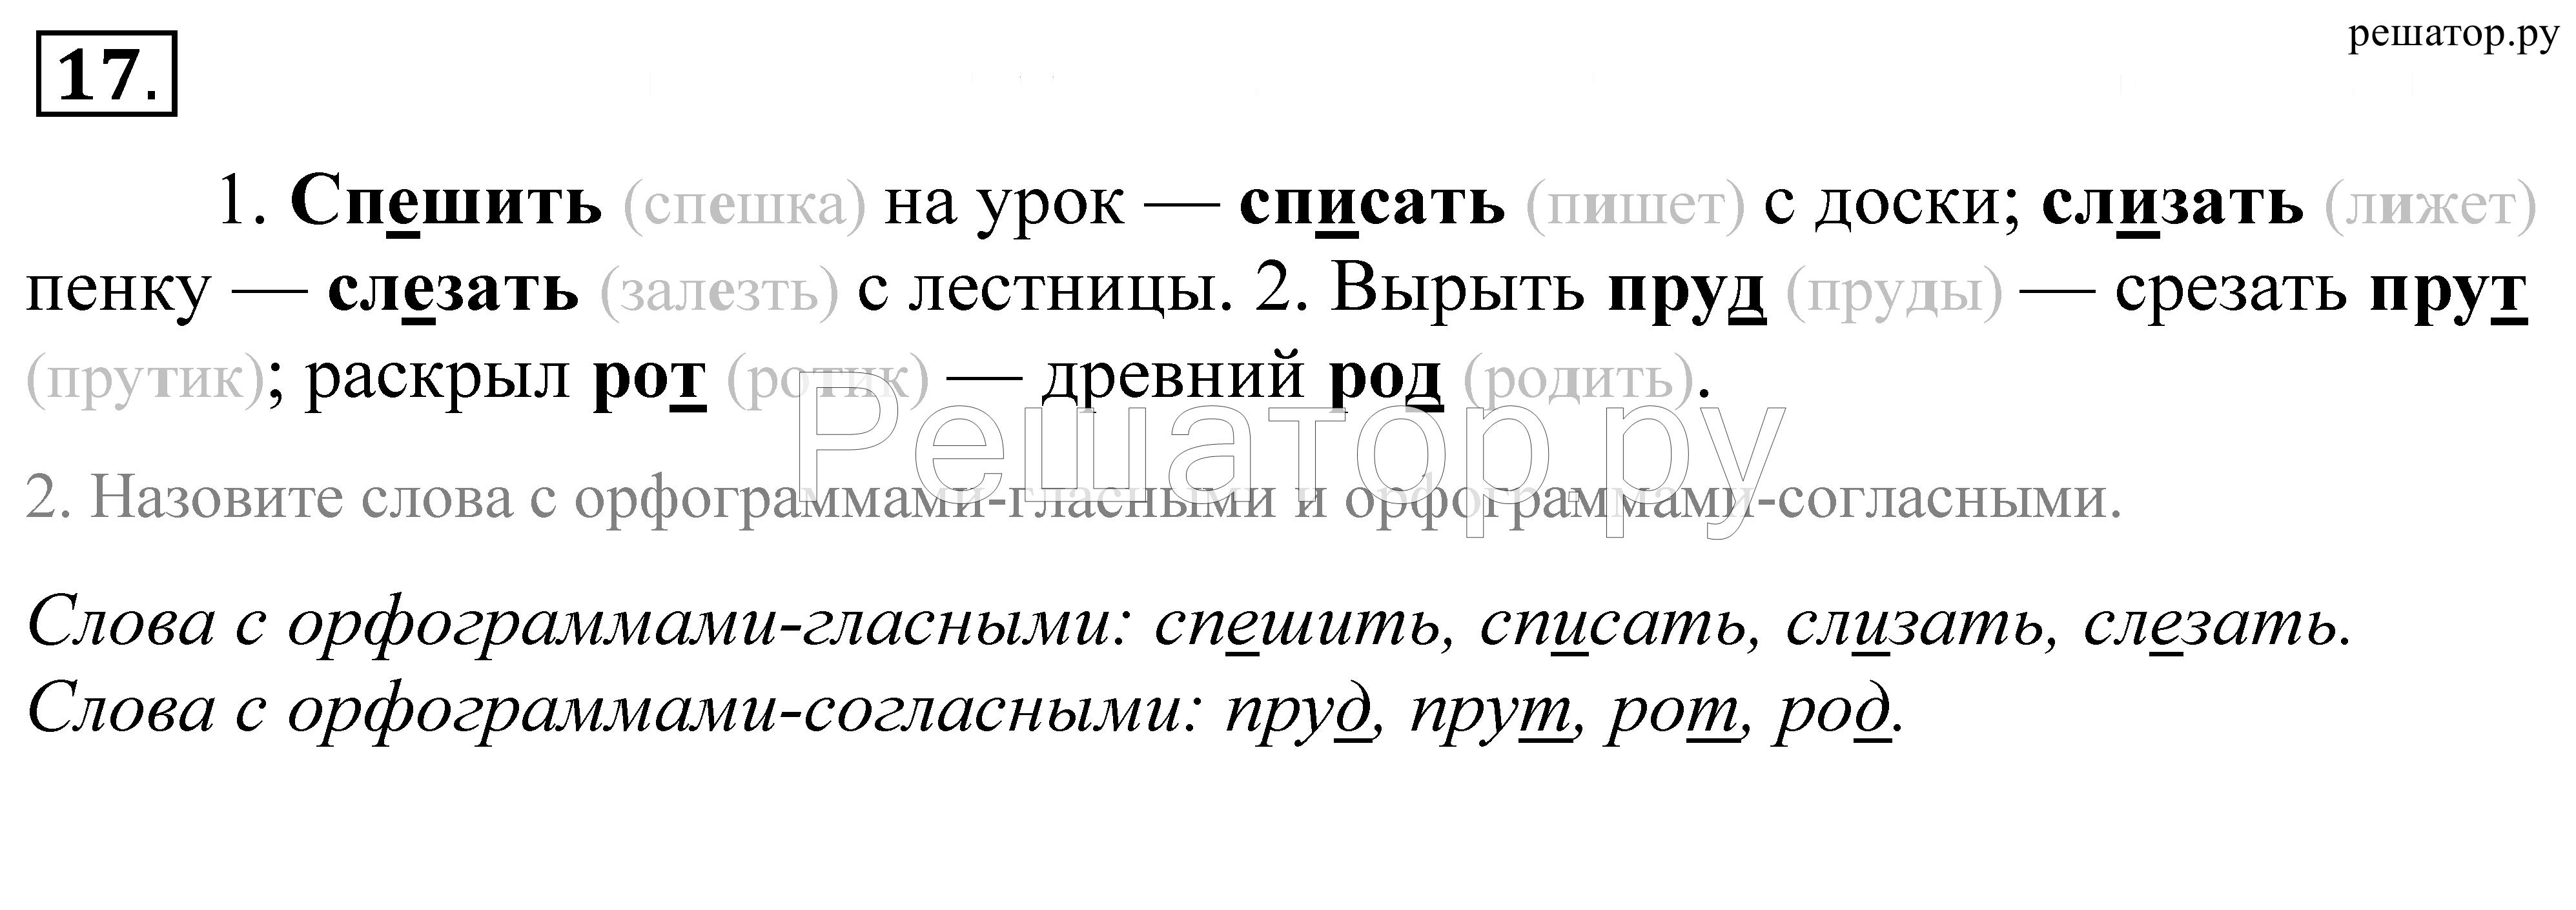 Языку русскому скачать купалова класса решебник по 5